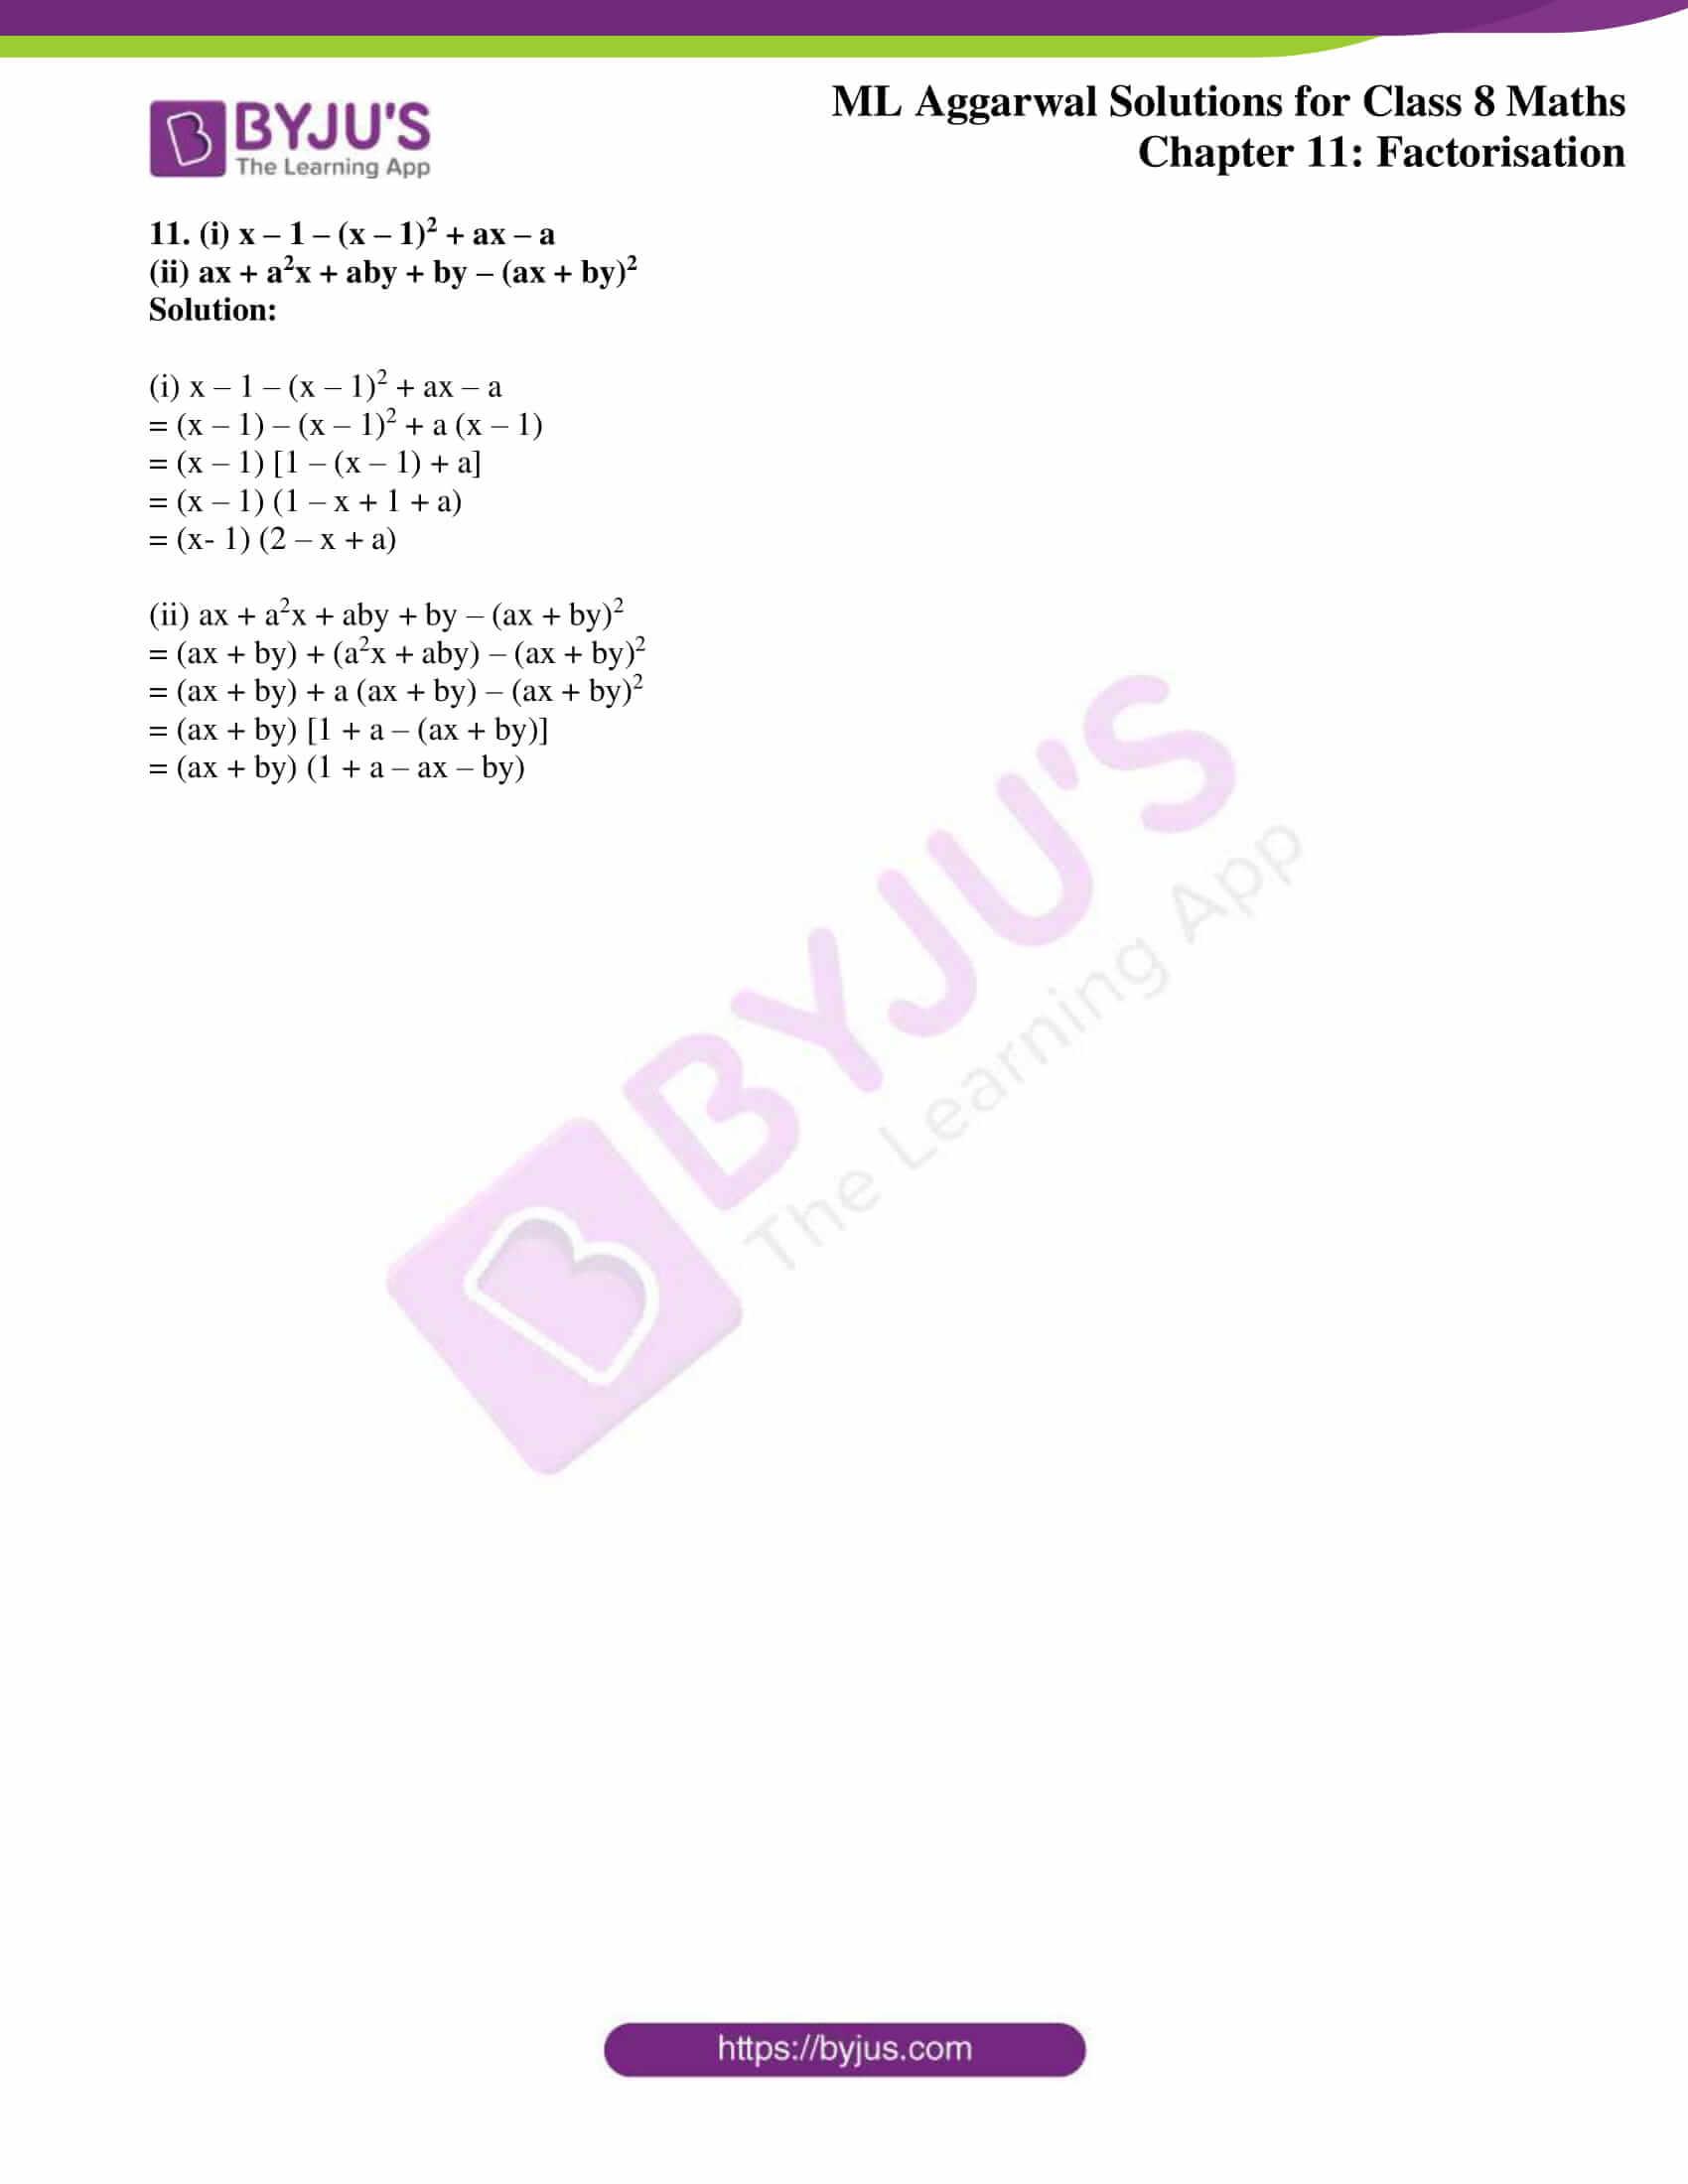 ml aggarwal sol mathematics class 8 ch 11 06